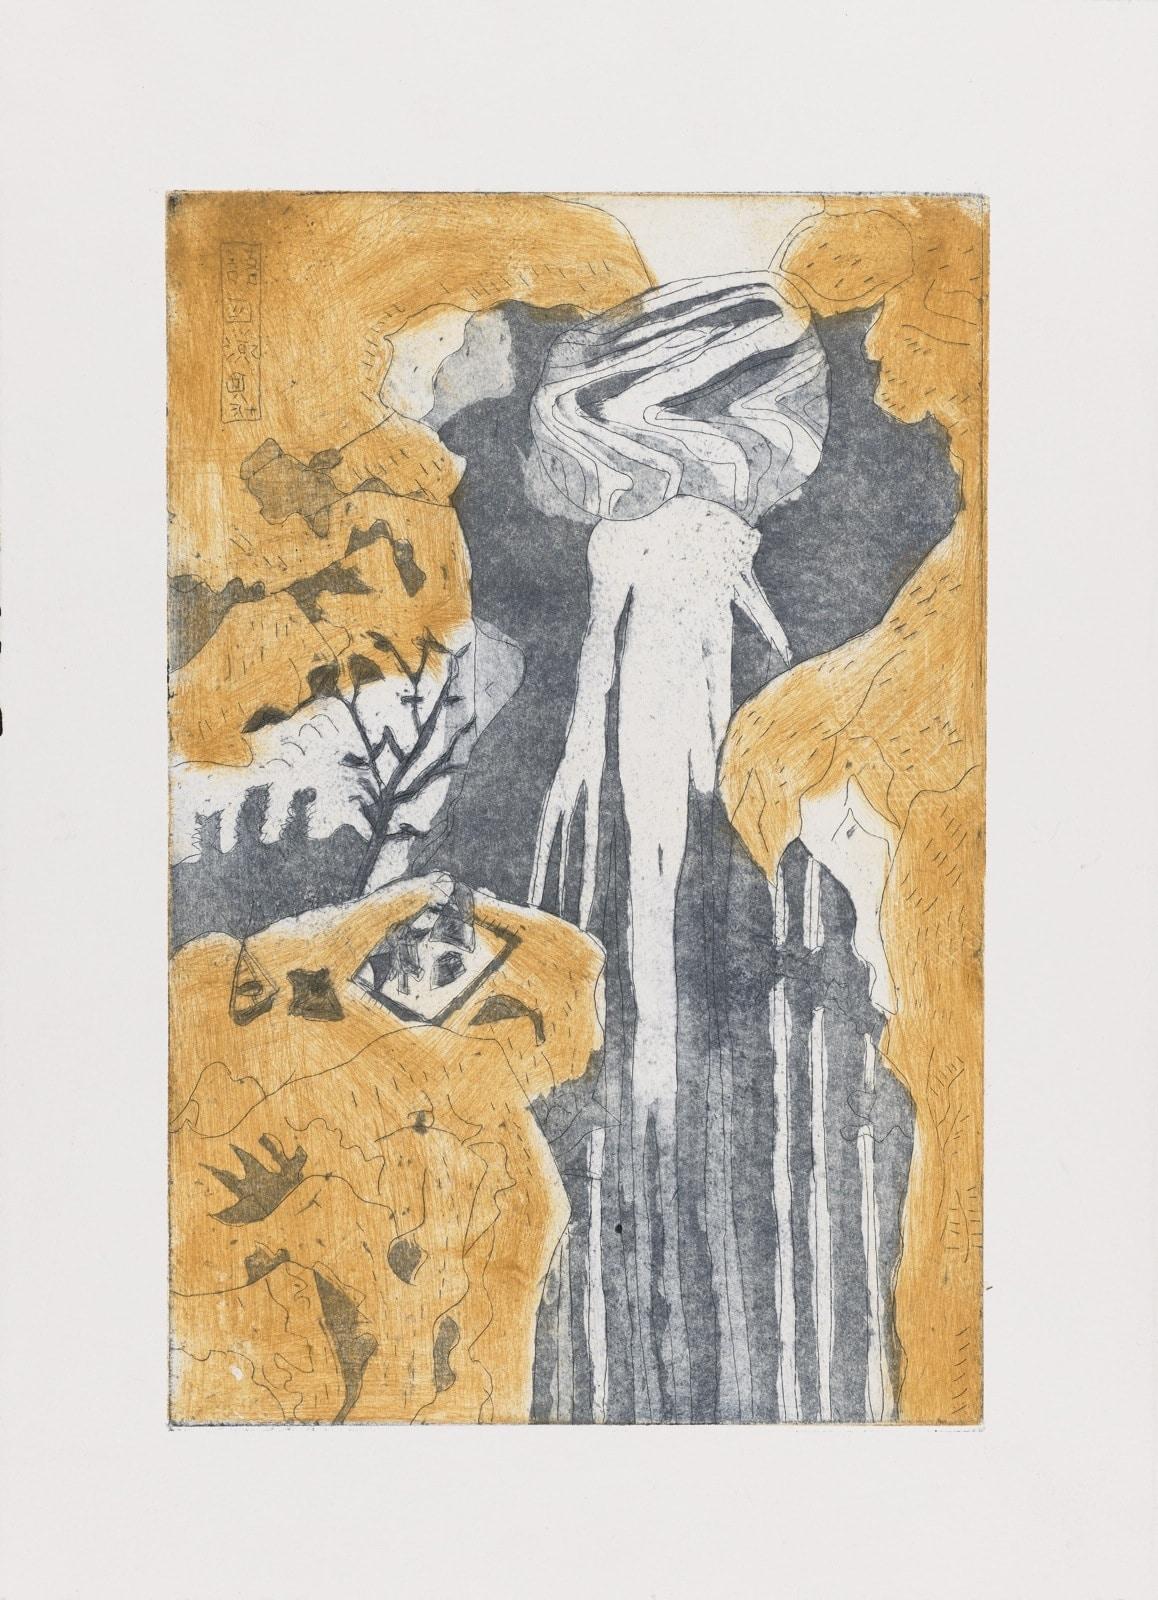 Gravure - Eau forte et acquatinte - Chutes d'après Hokusai